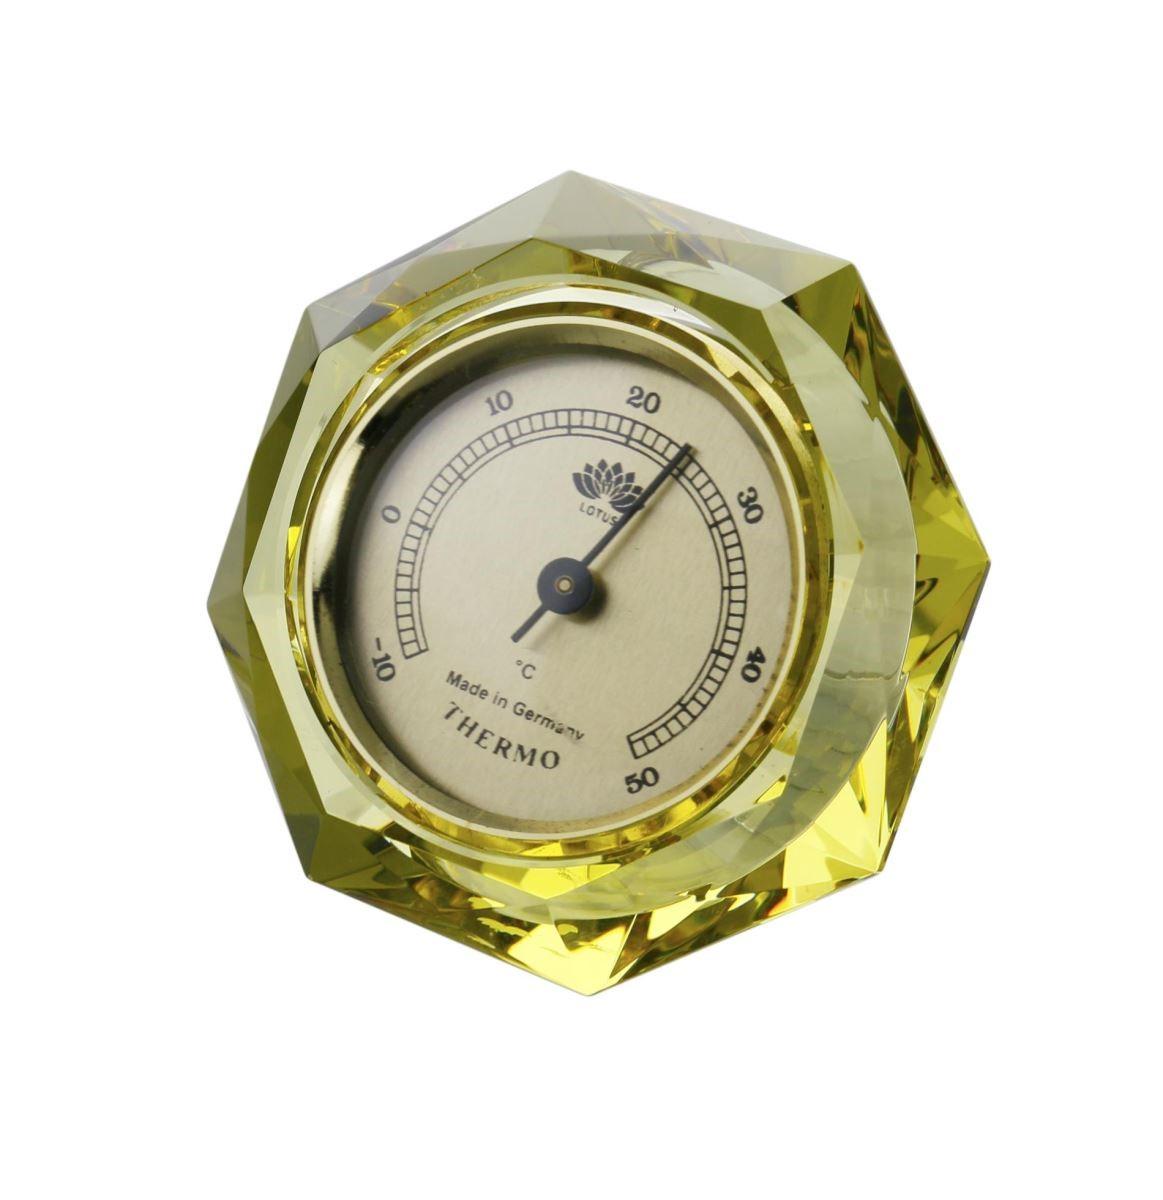 LOTUS 水晶 - 吉星高照 (溫度計) 原價 $5,300 特價 $530 (絕版品賣完為止)